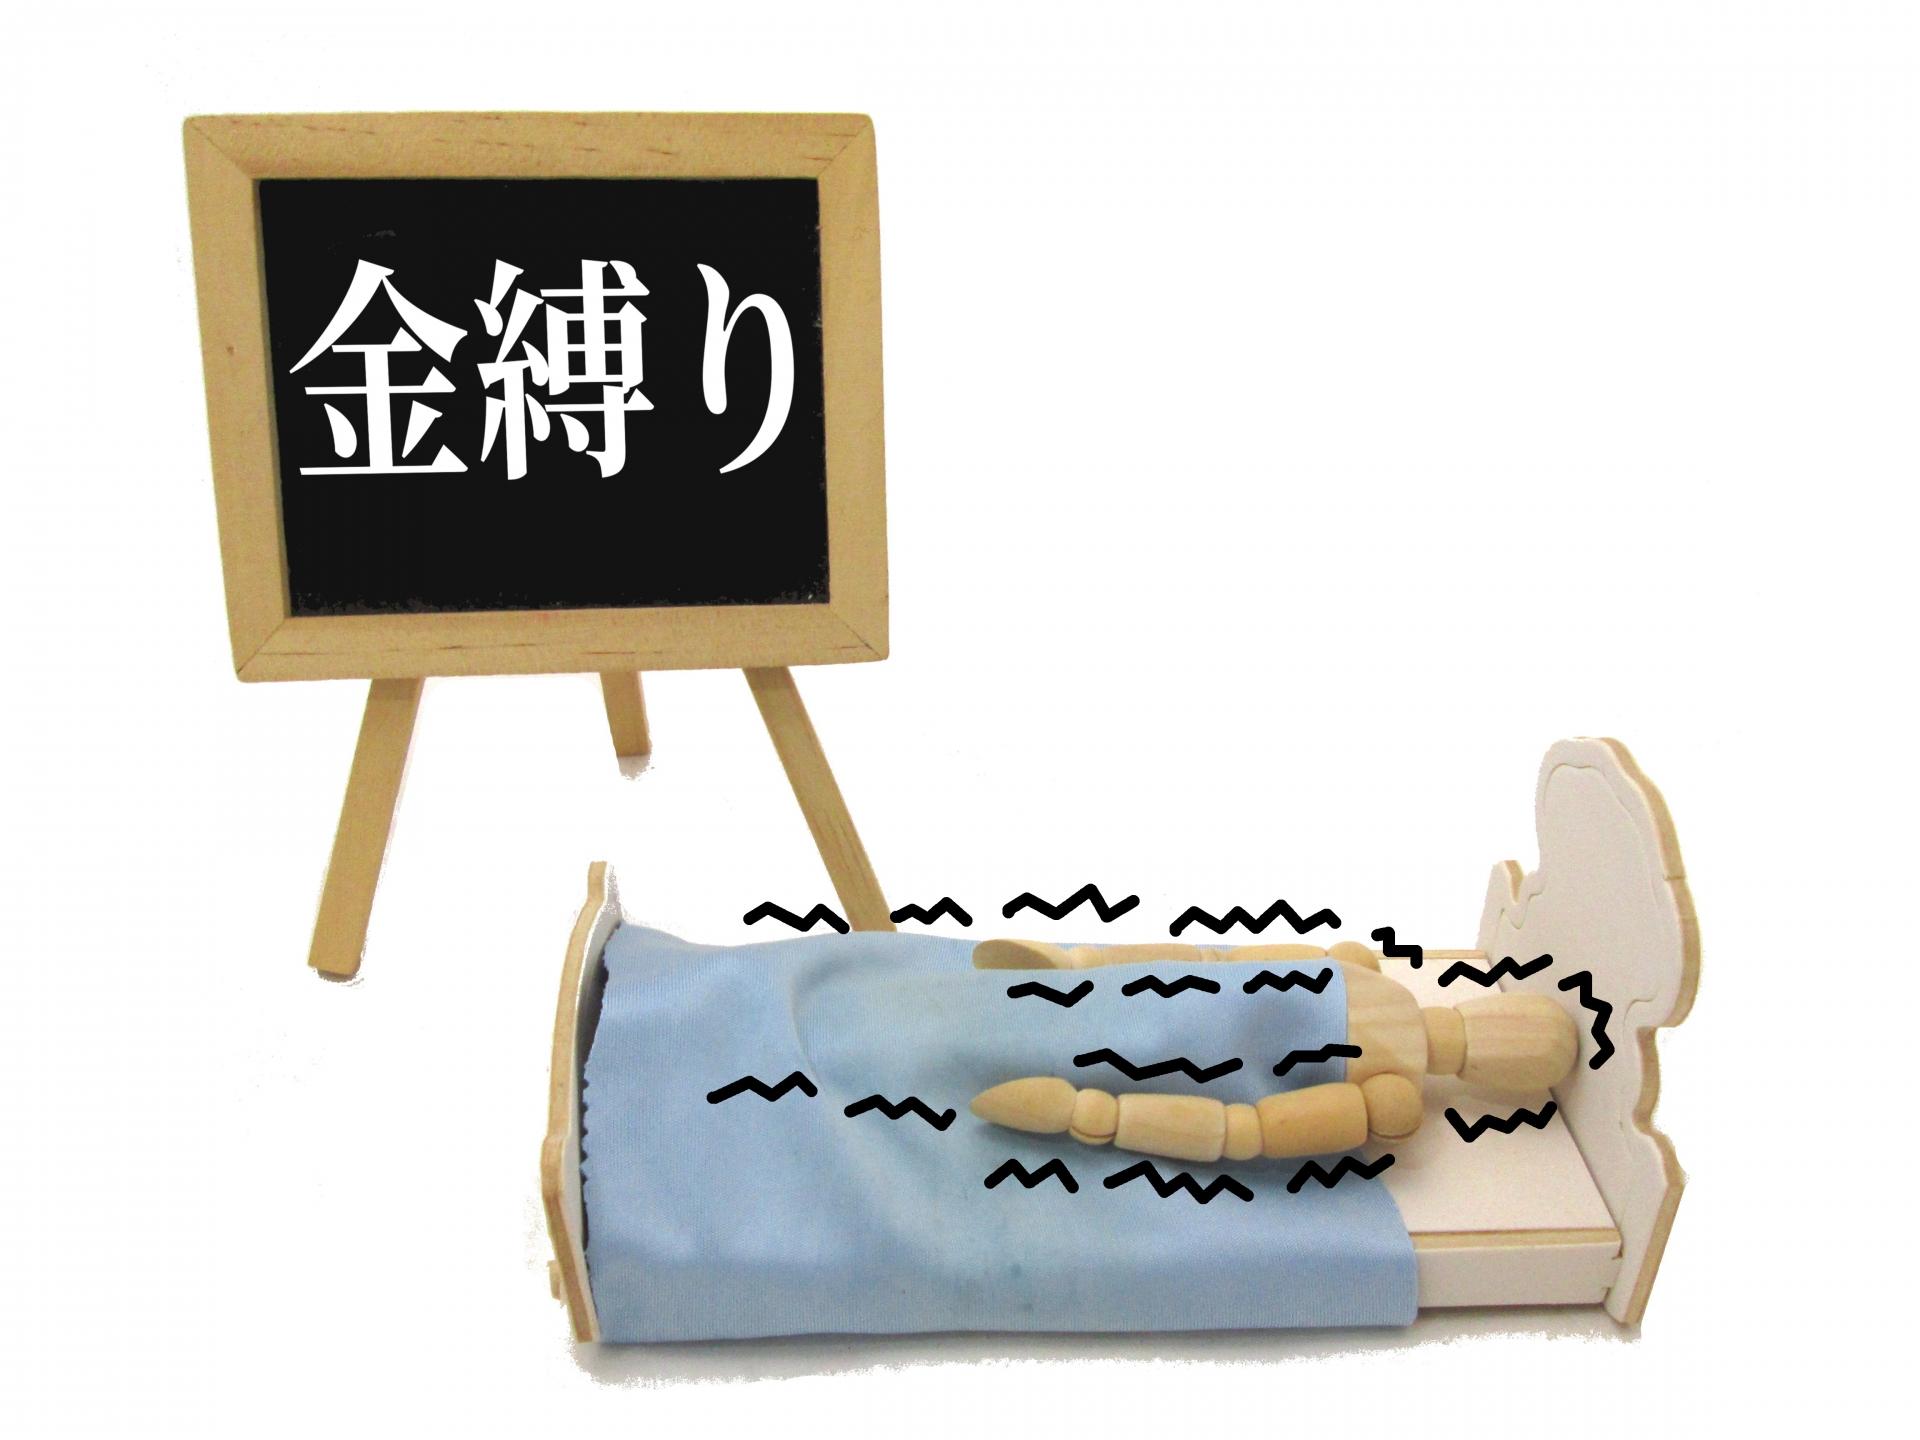 【レム睡眠】金縛り(かなしばり)の原因は幽霊?